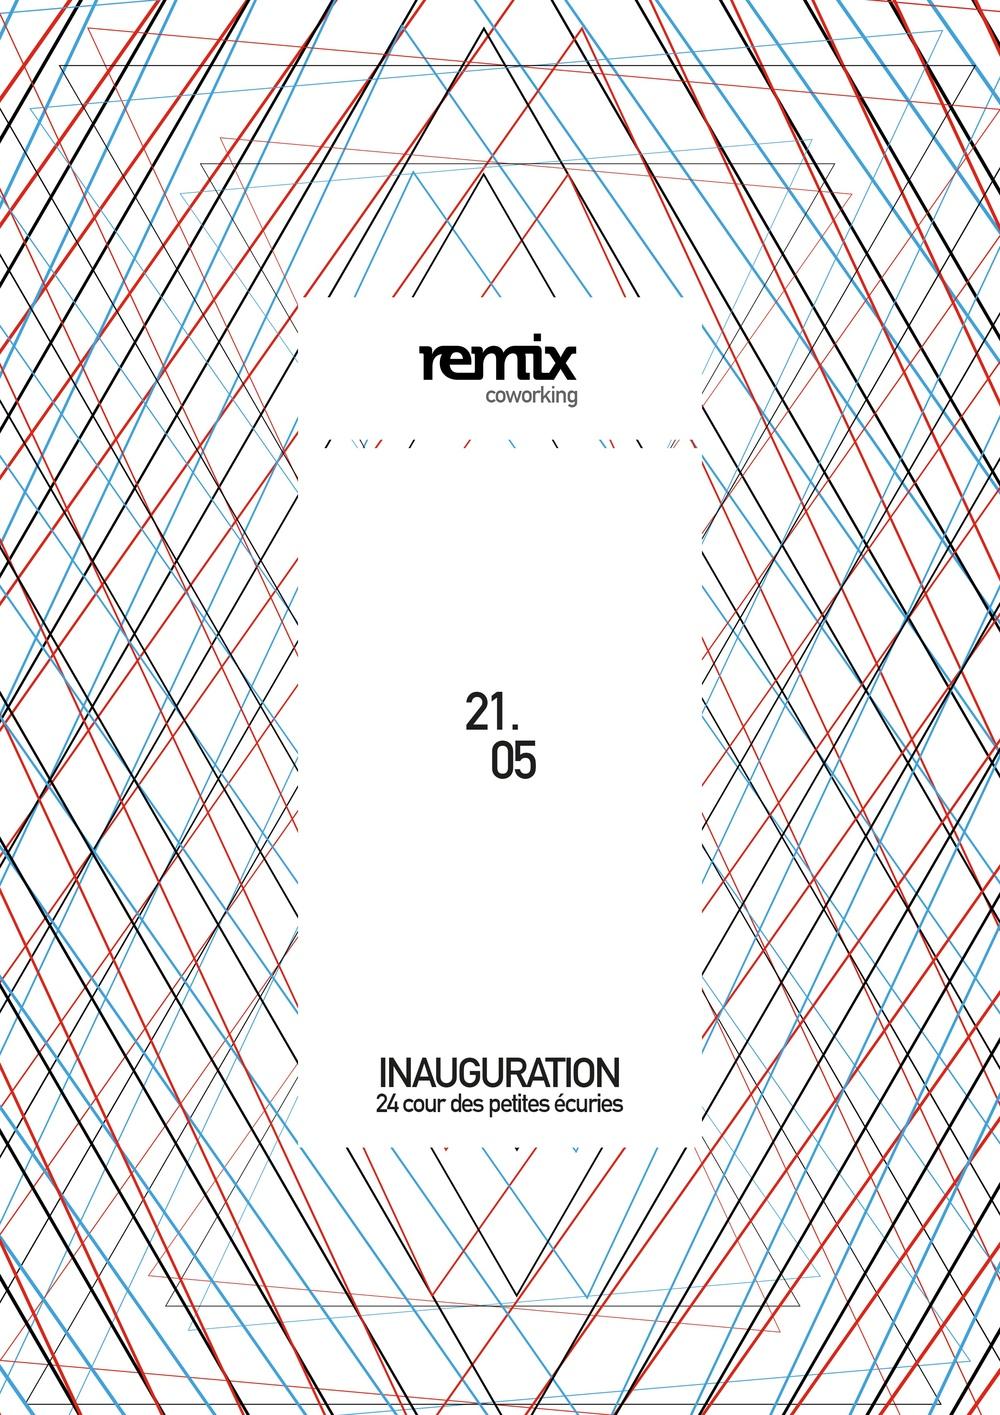 inauguration remix coworking 24 Cour des Petites Écuries 75010 Paris